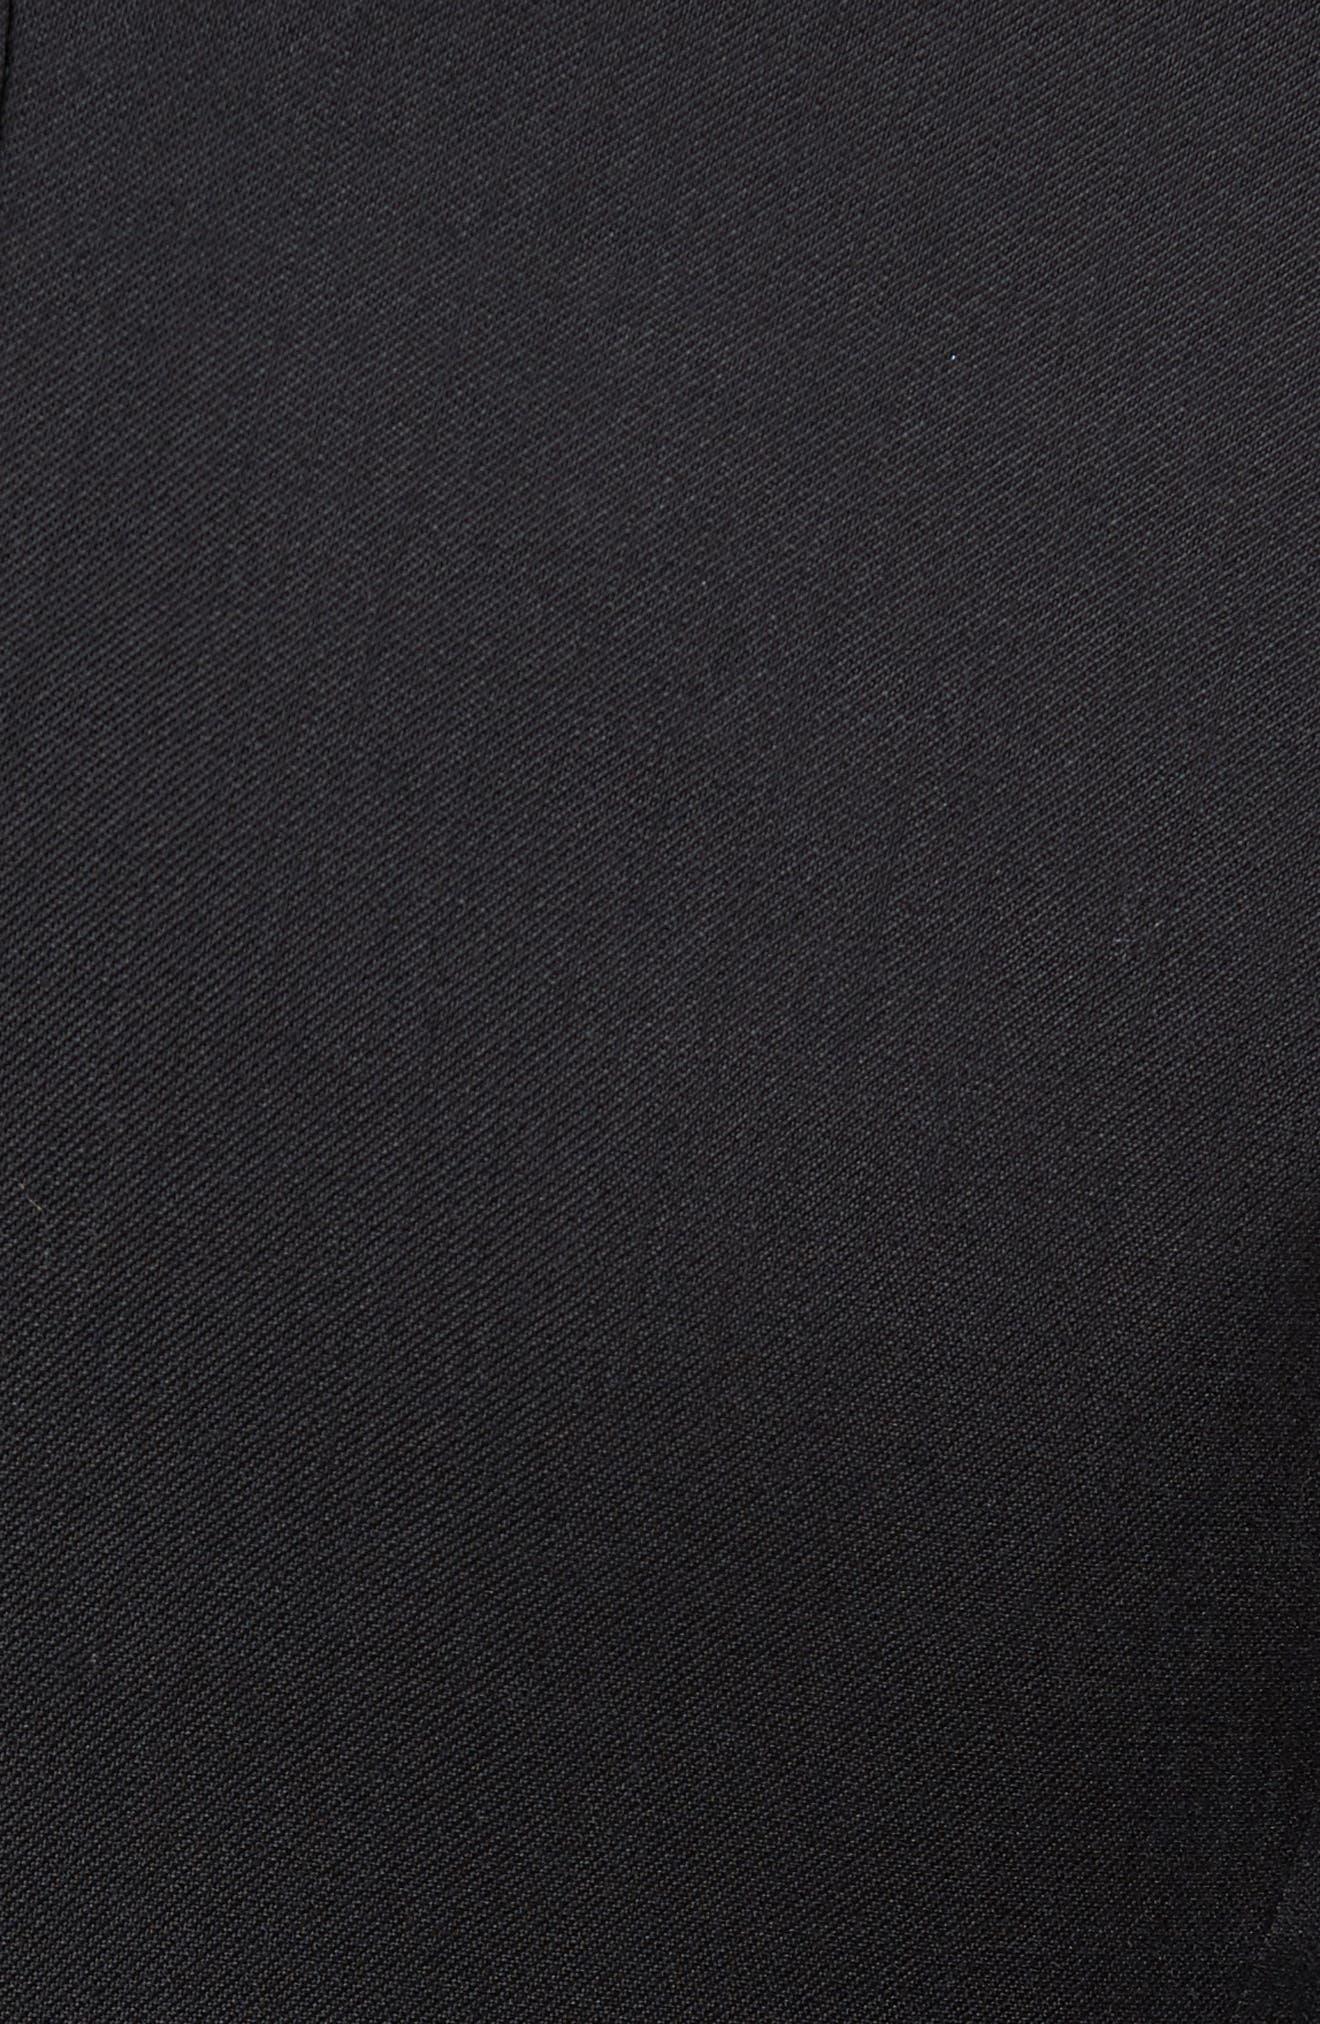 Jones Trim Fit Wool Suit,                             Alternate thumbnail 9, color,                             001